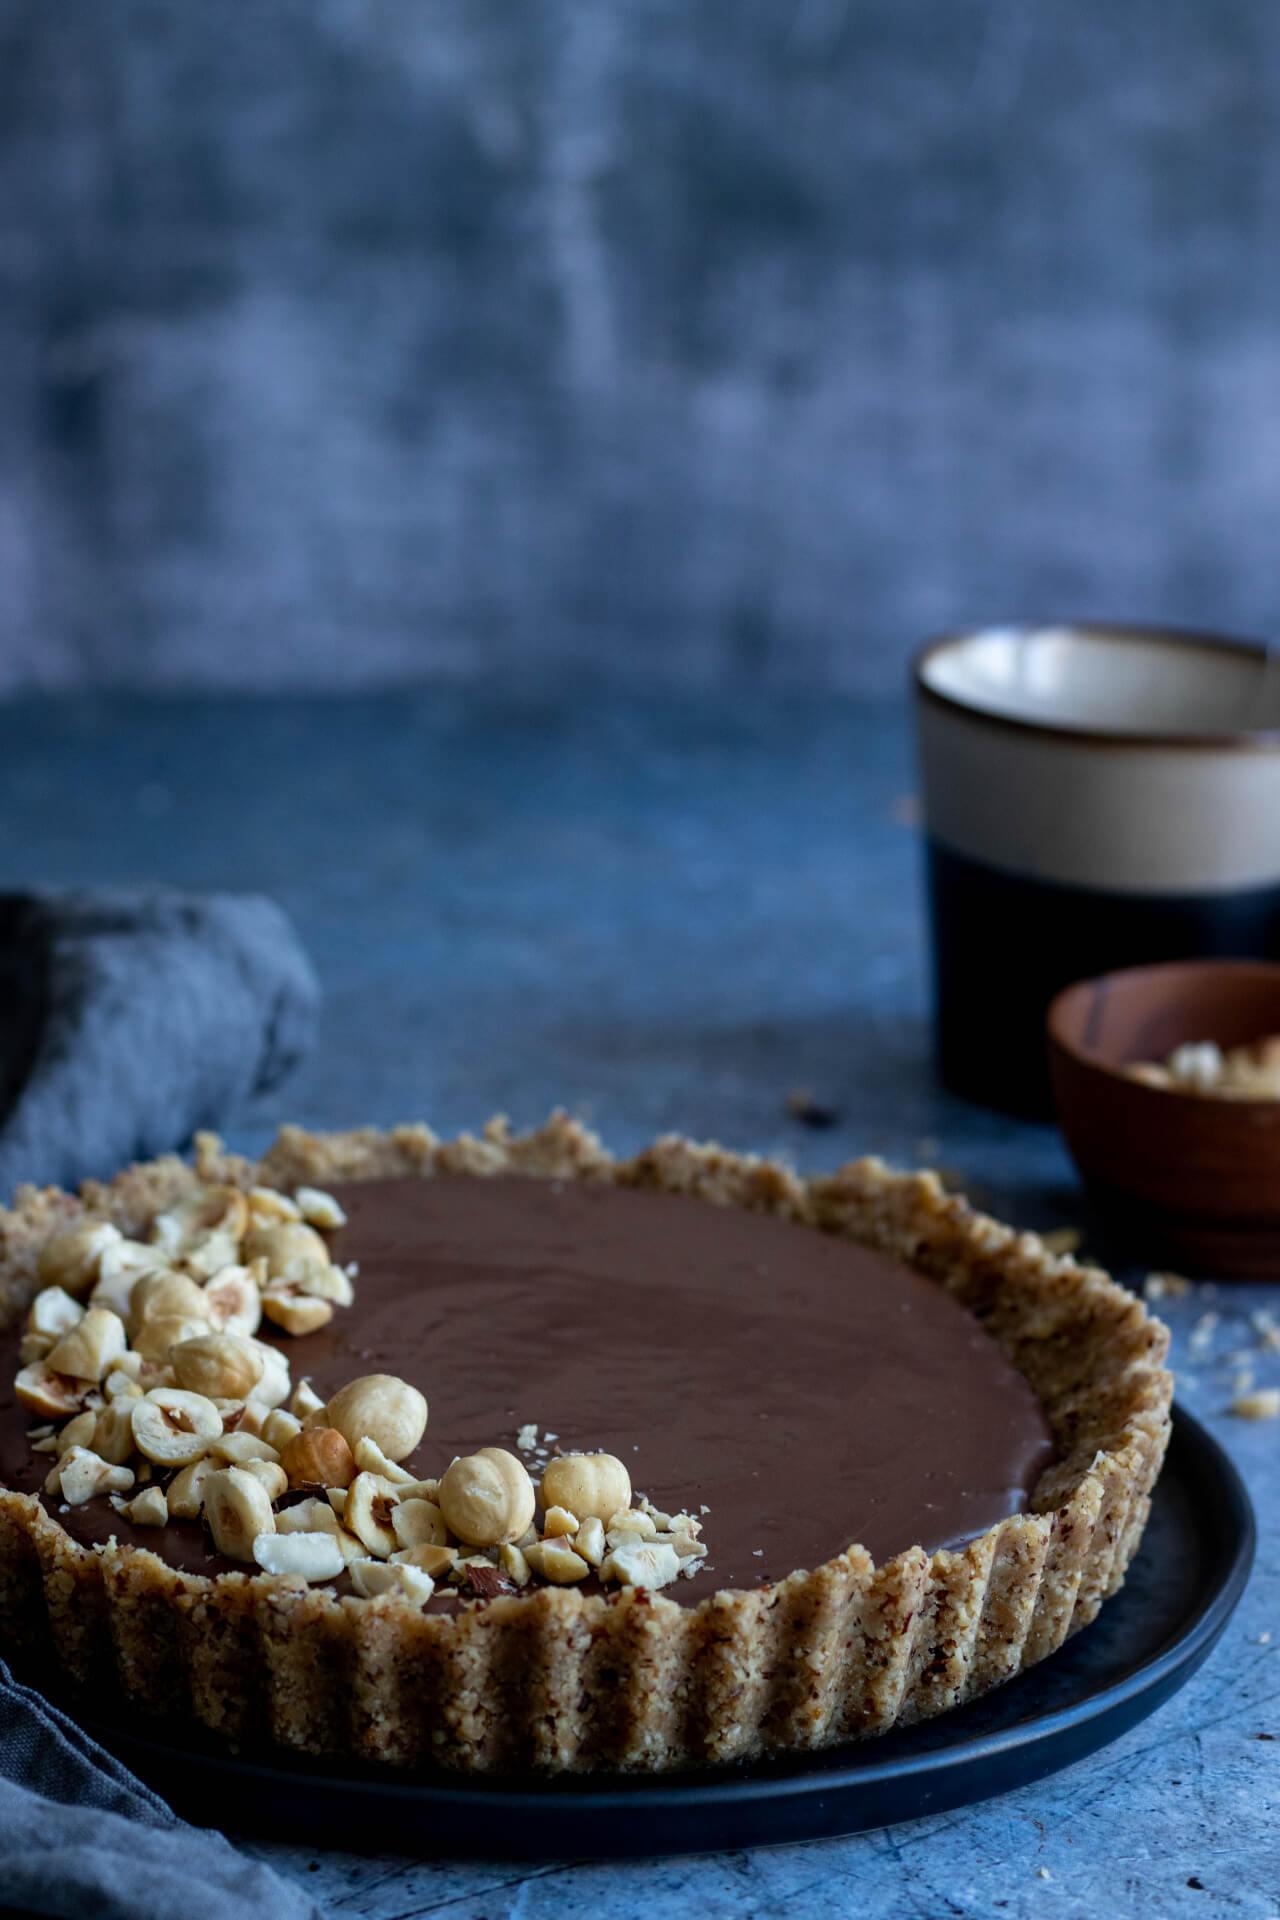 vegan-chocoladetaart-met-hazelnoten